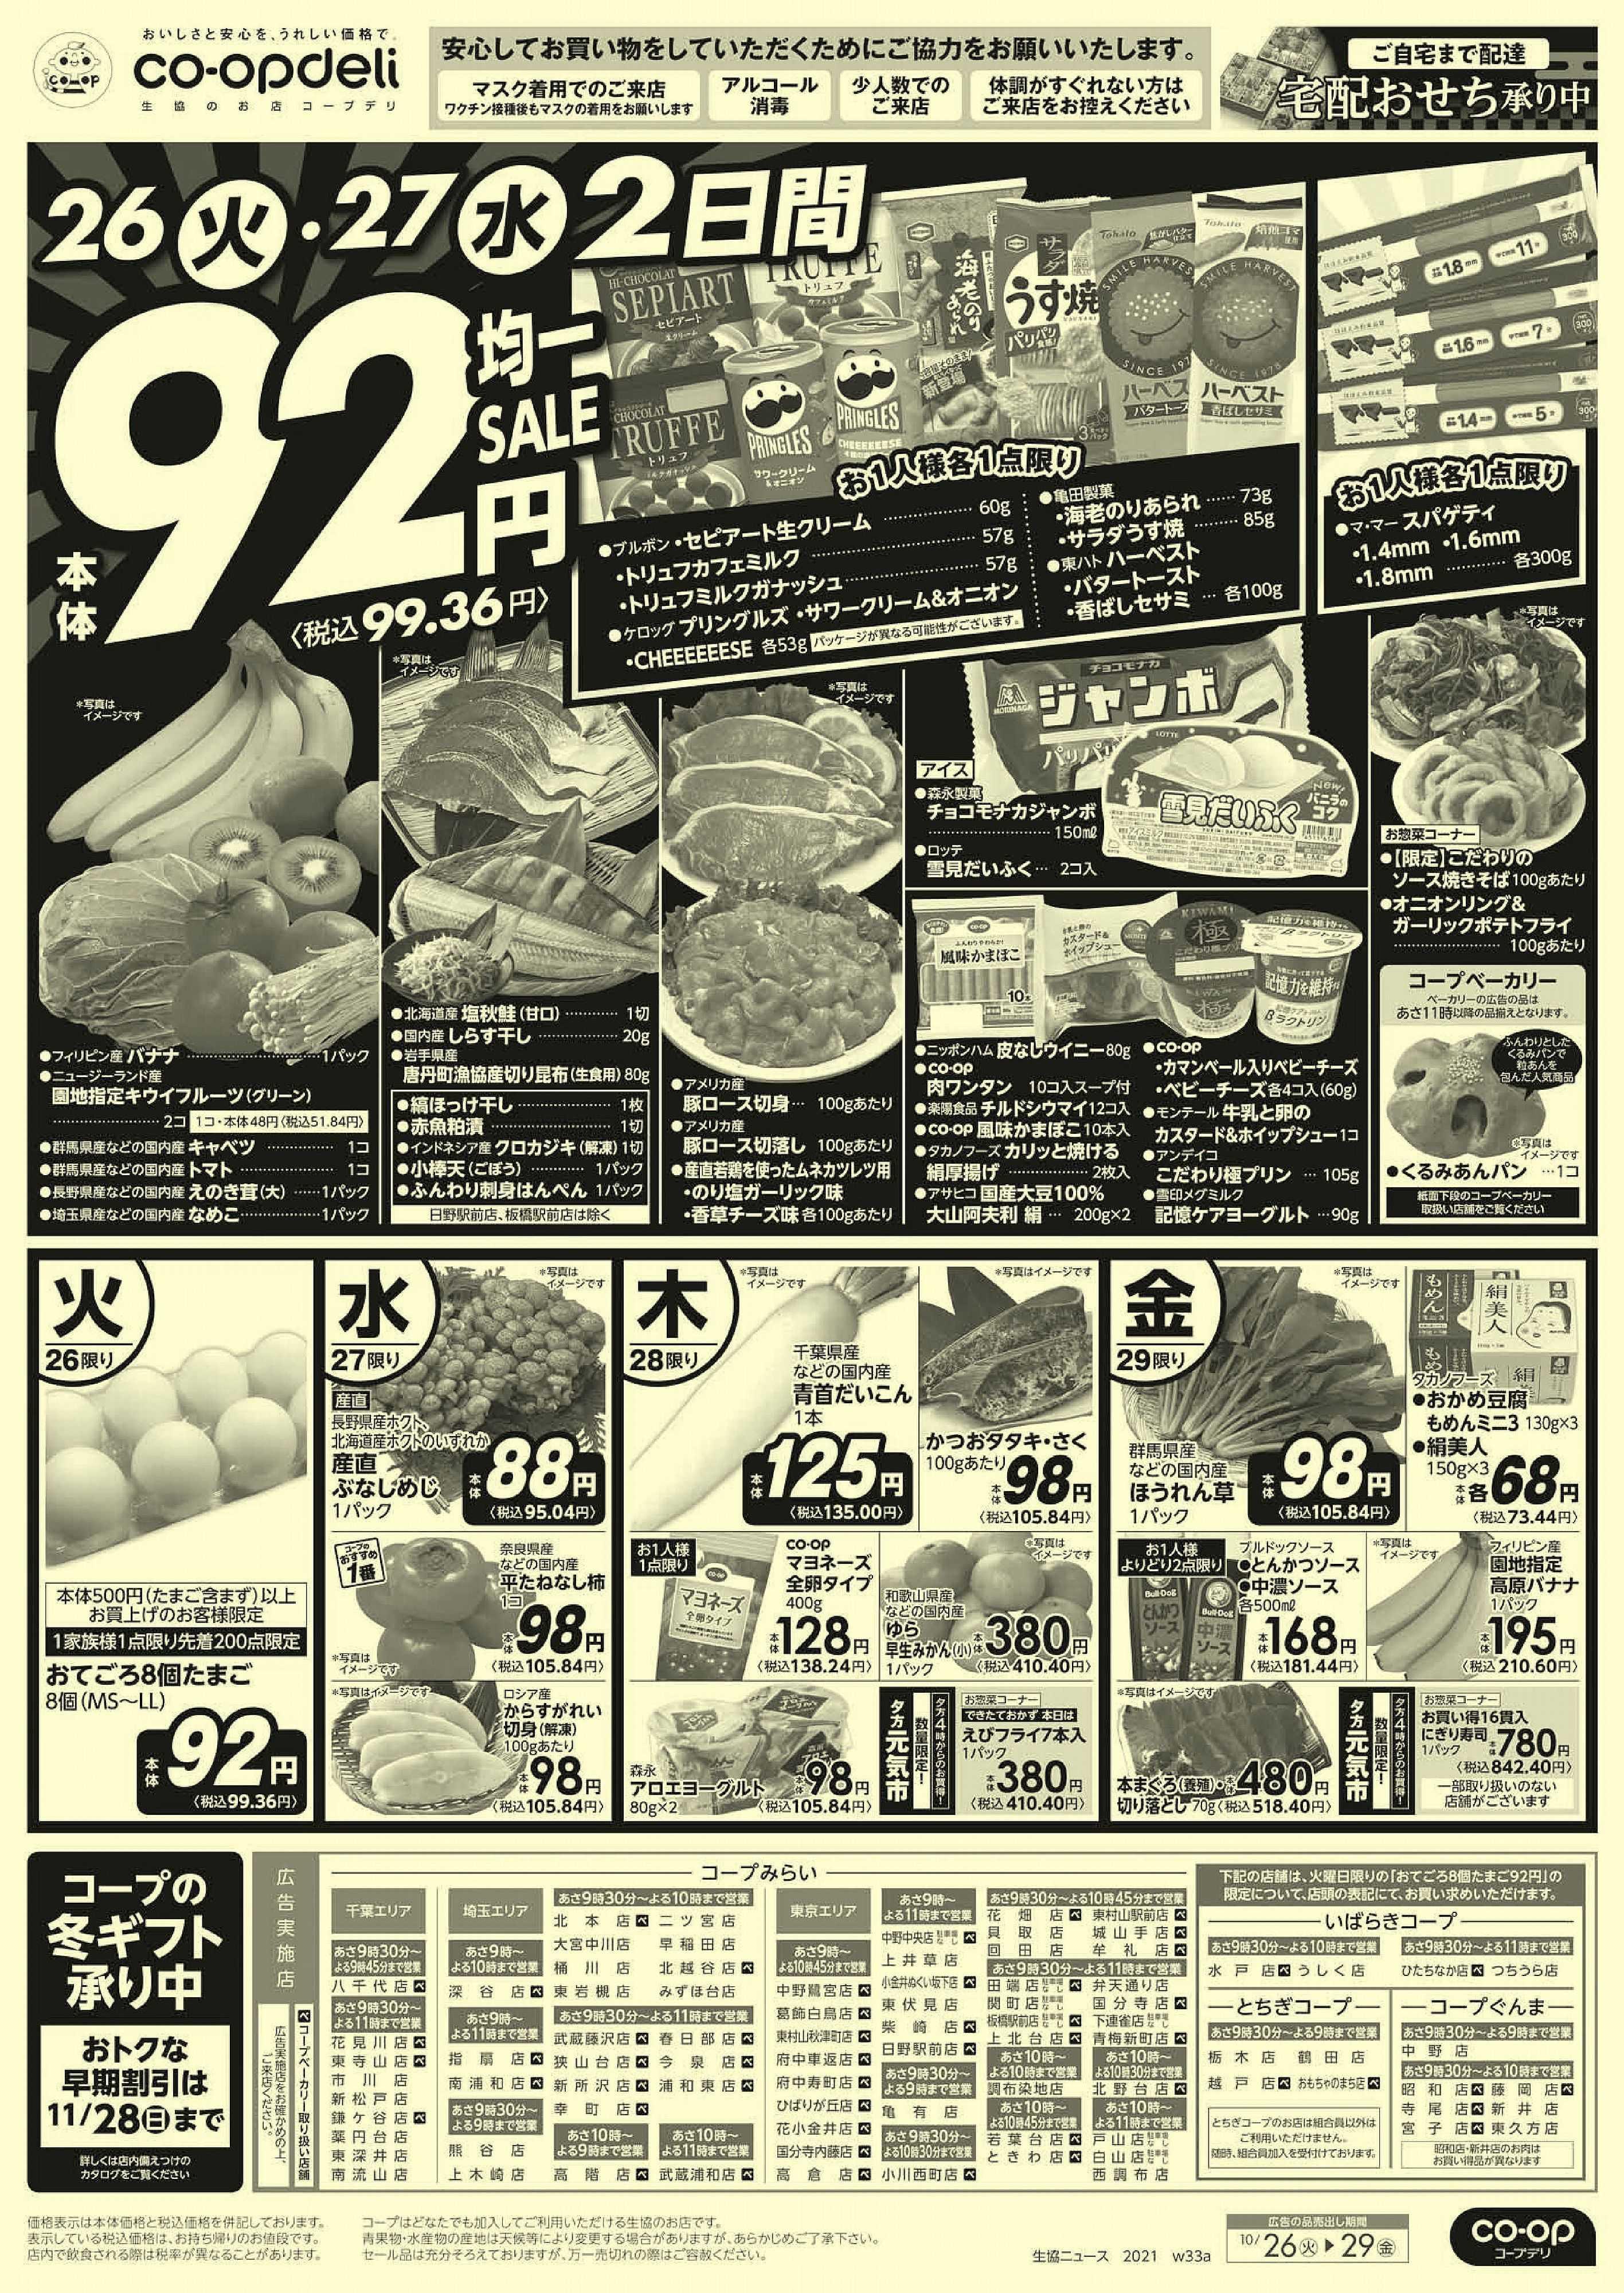 コープみらい 92円均一/あったかメニュー